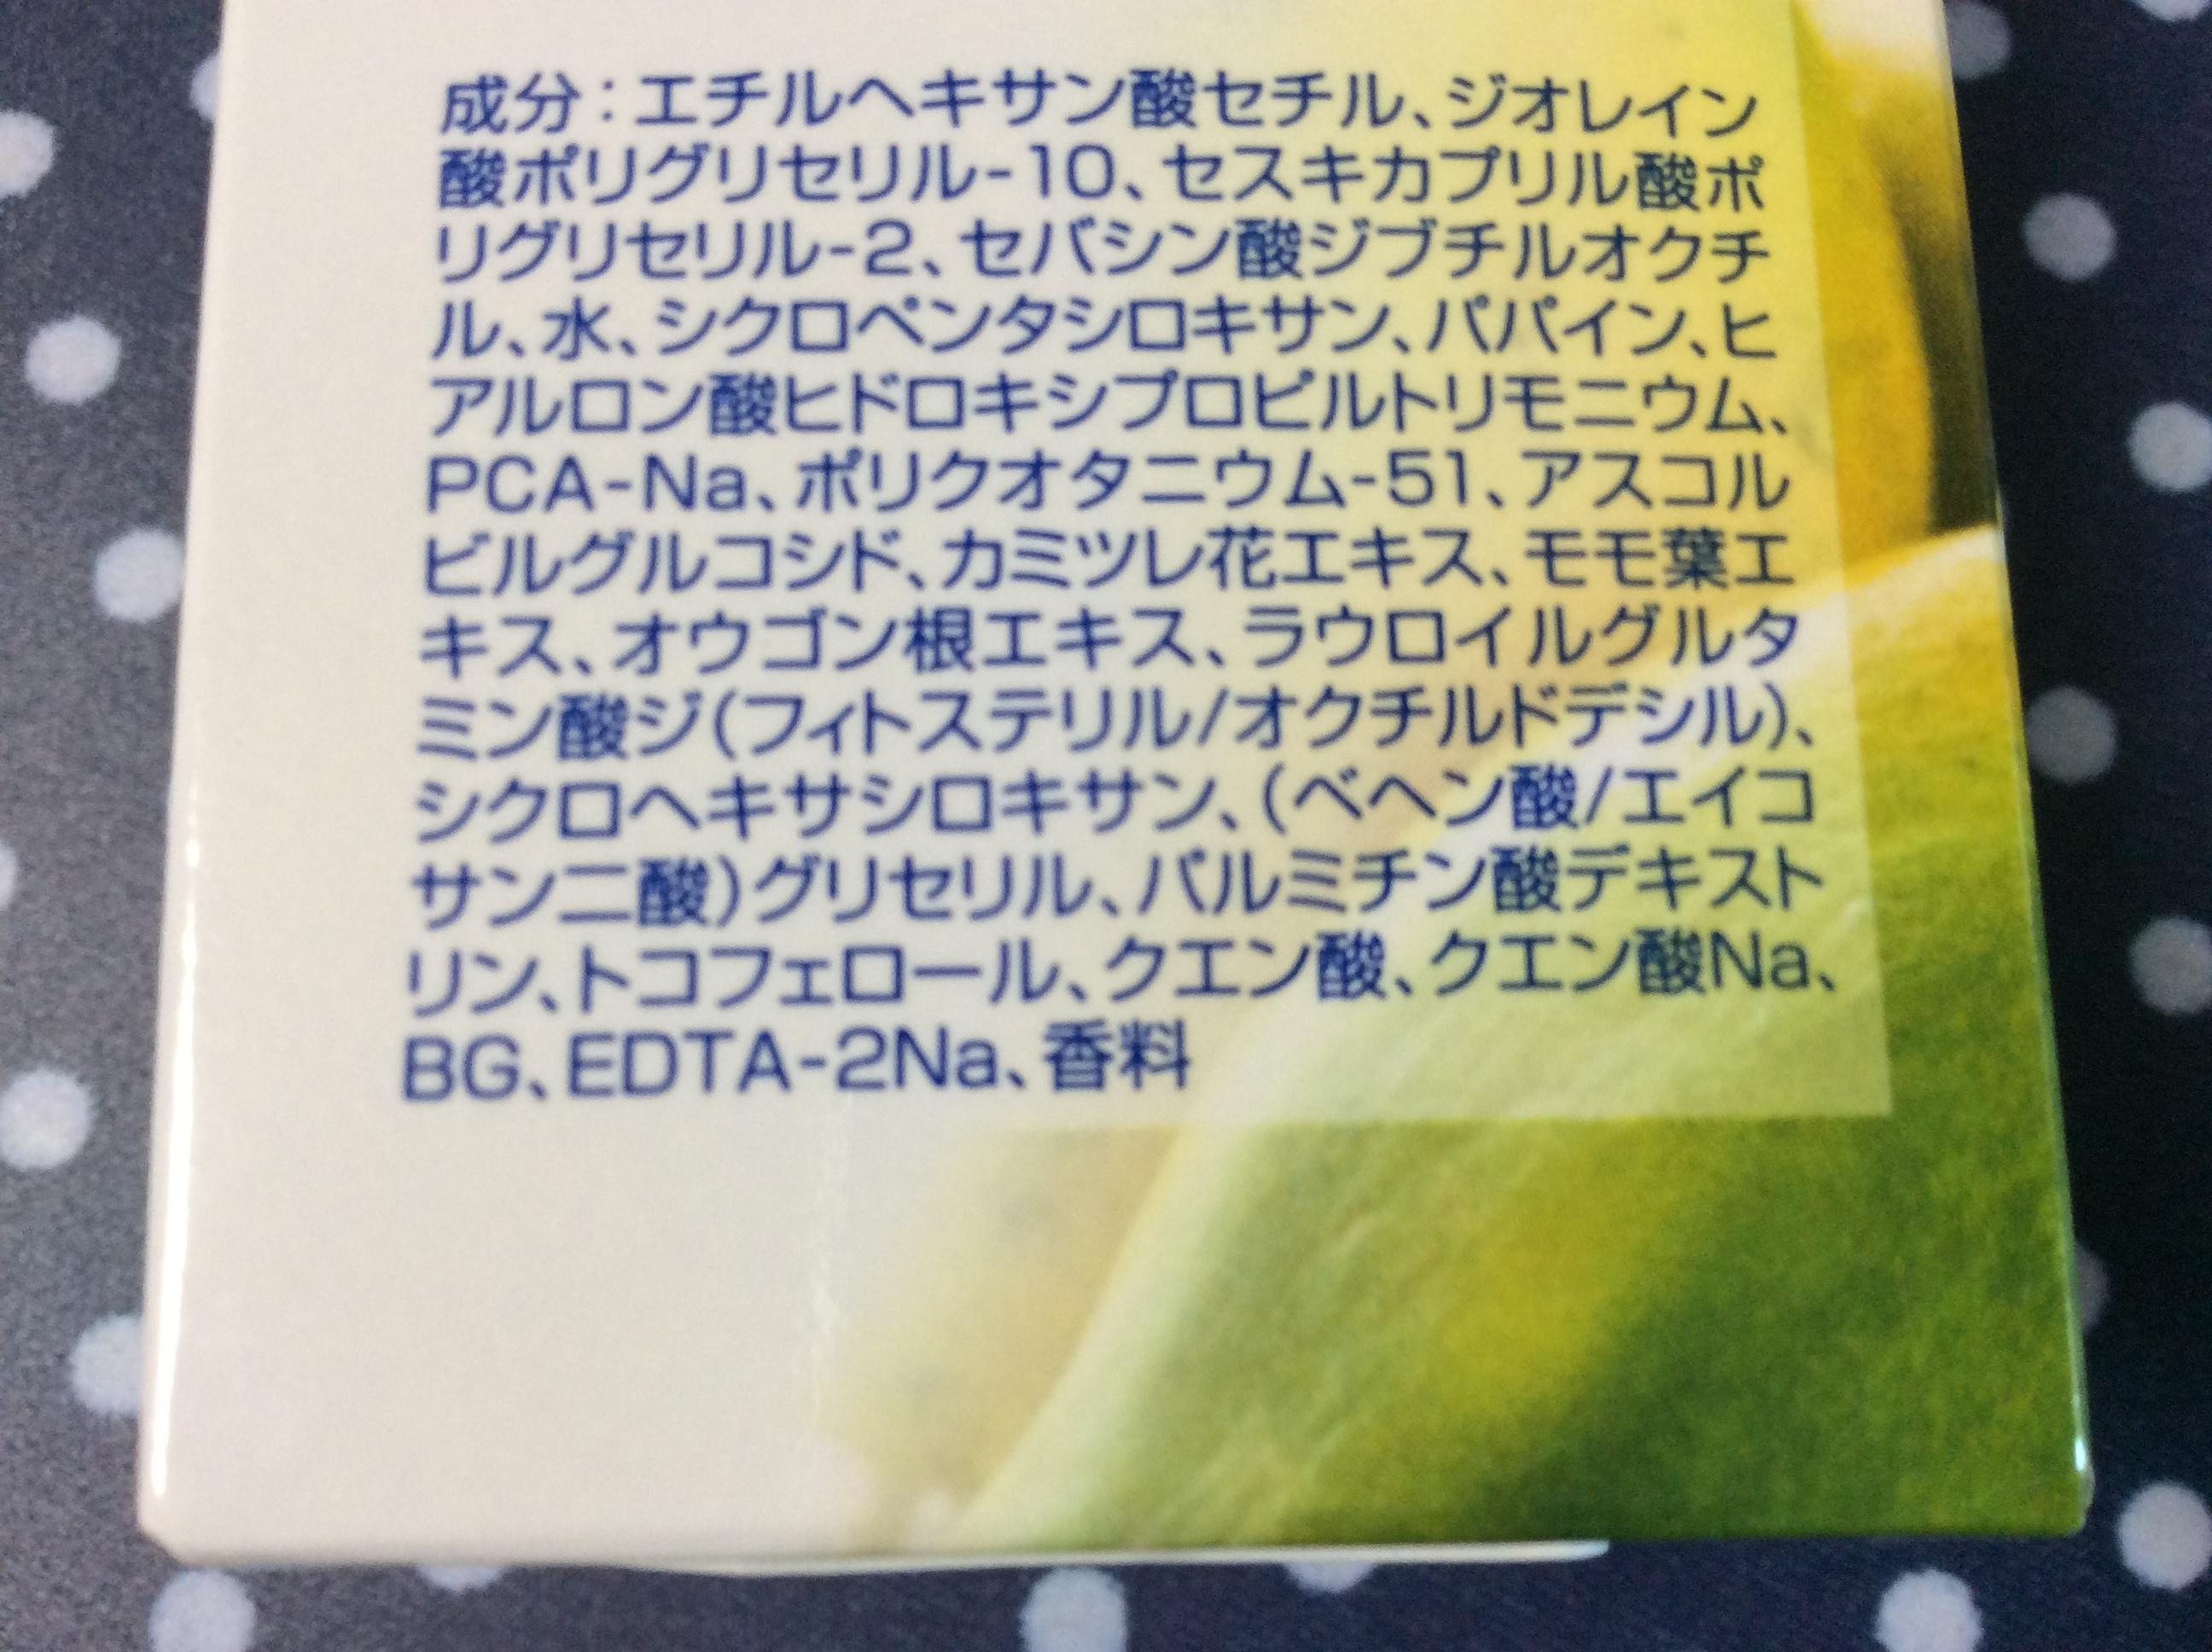 D5BA7F09-38BE-4855-B2B5-8211CFCEE3DA.jpeg